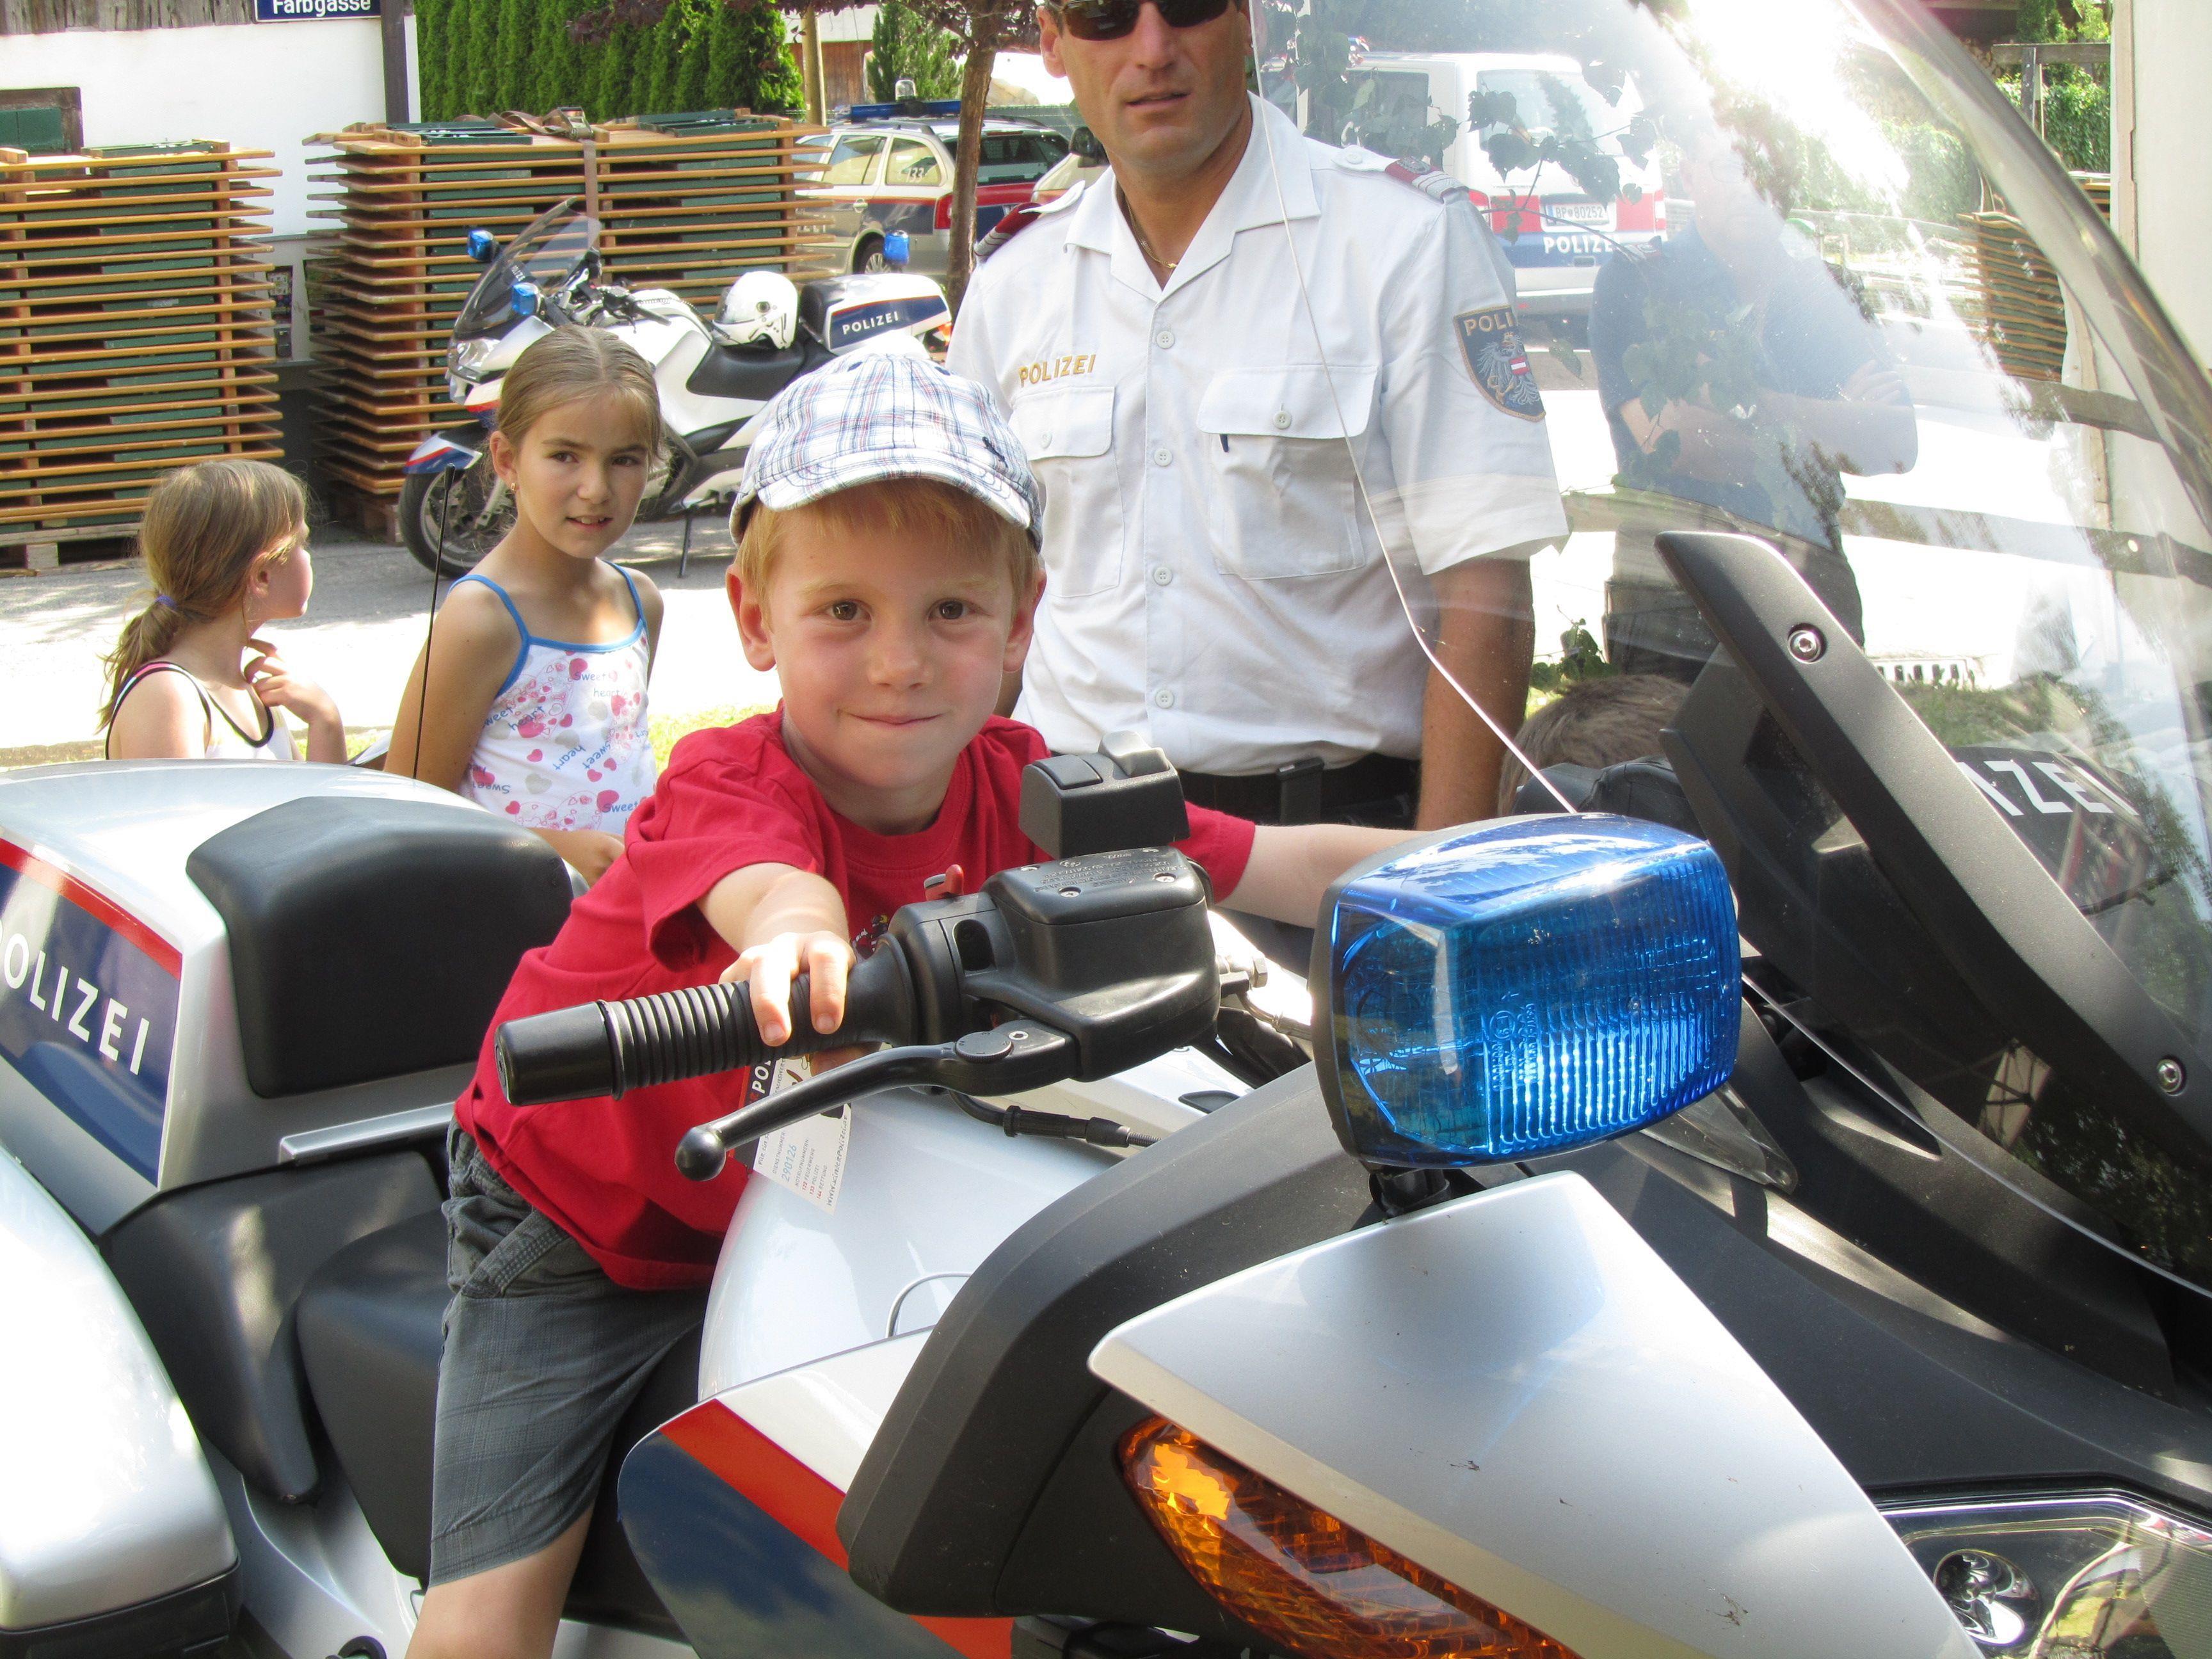 Spaß mit der Kinderpolizei